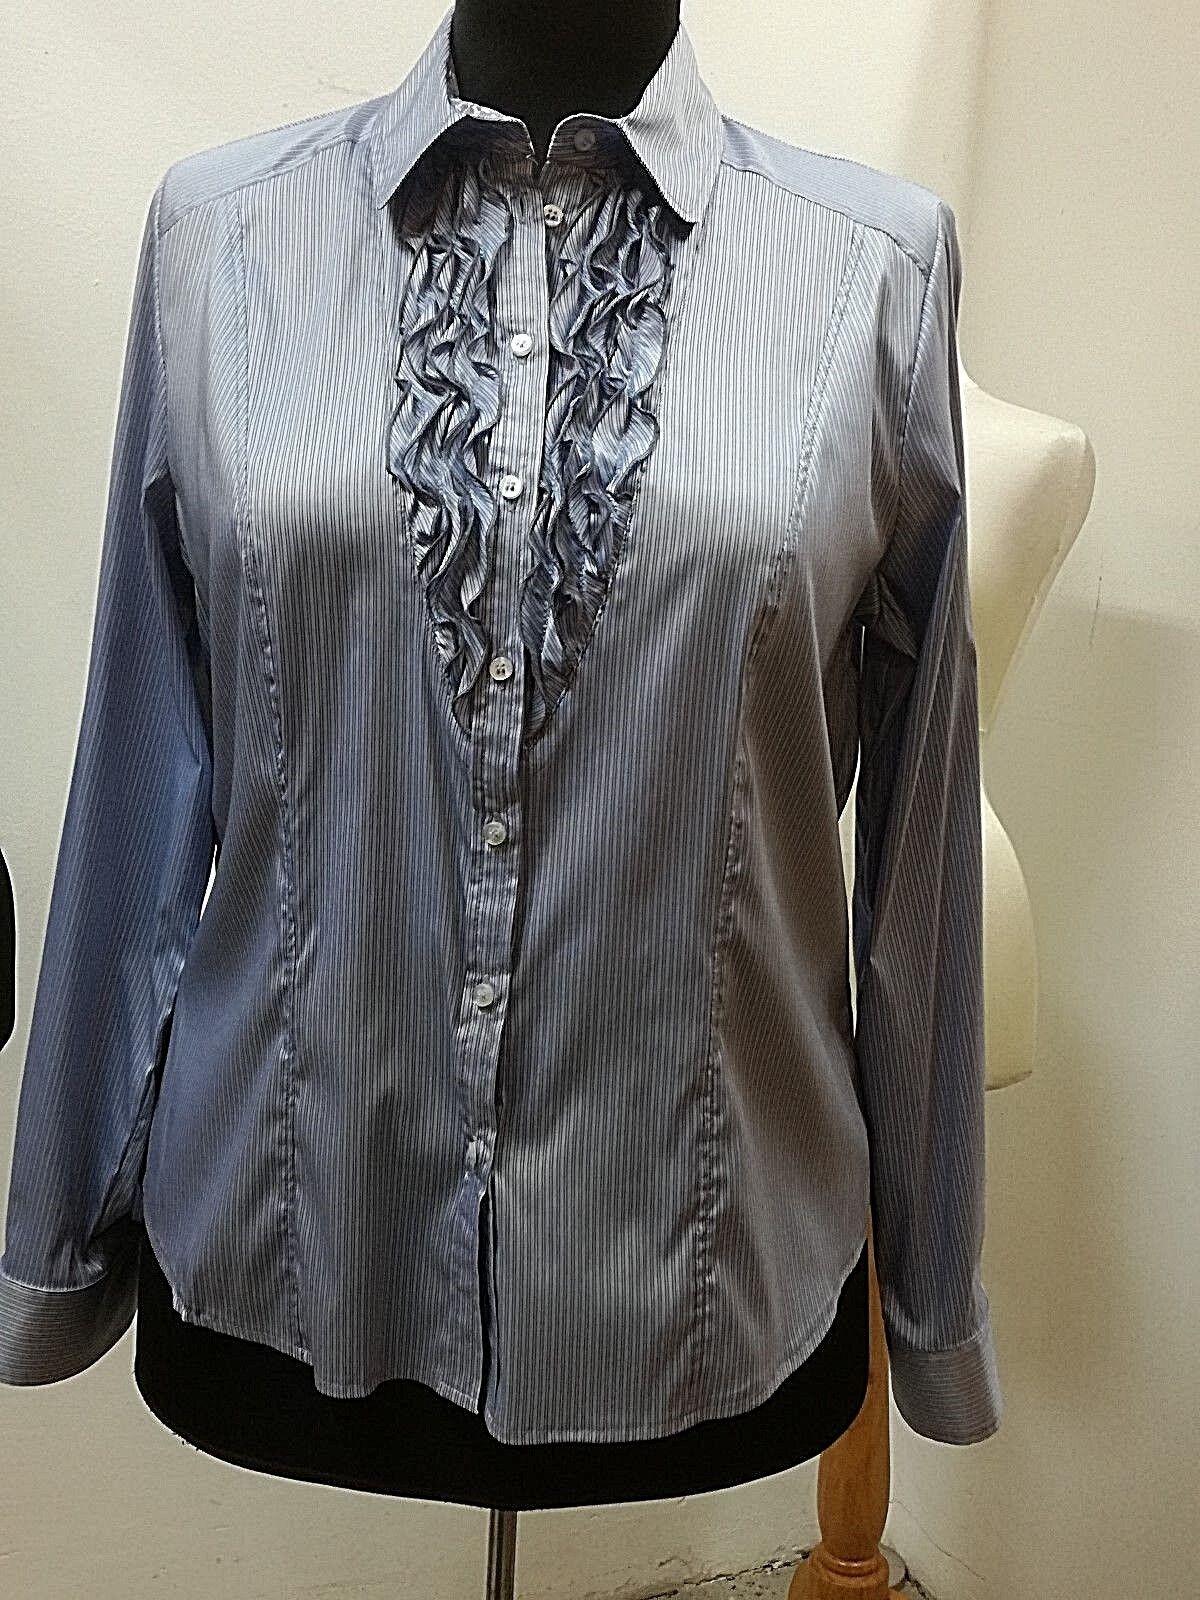 Blause-Langarm-Damen, Viktoria Fashion, Gr. 44, Rüschen, feiner Glanz, Streifen